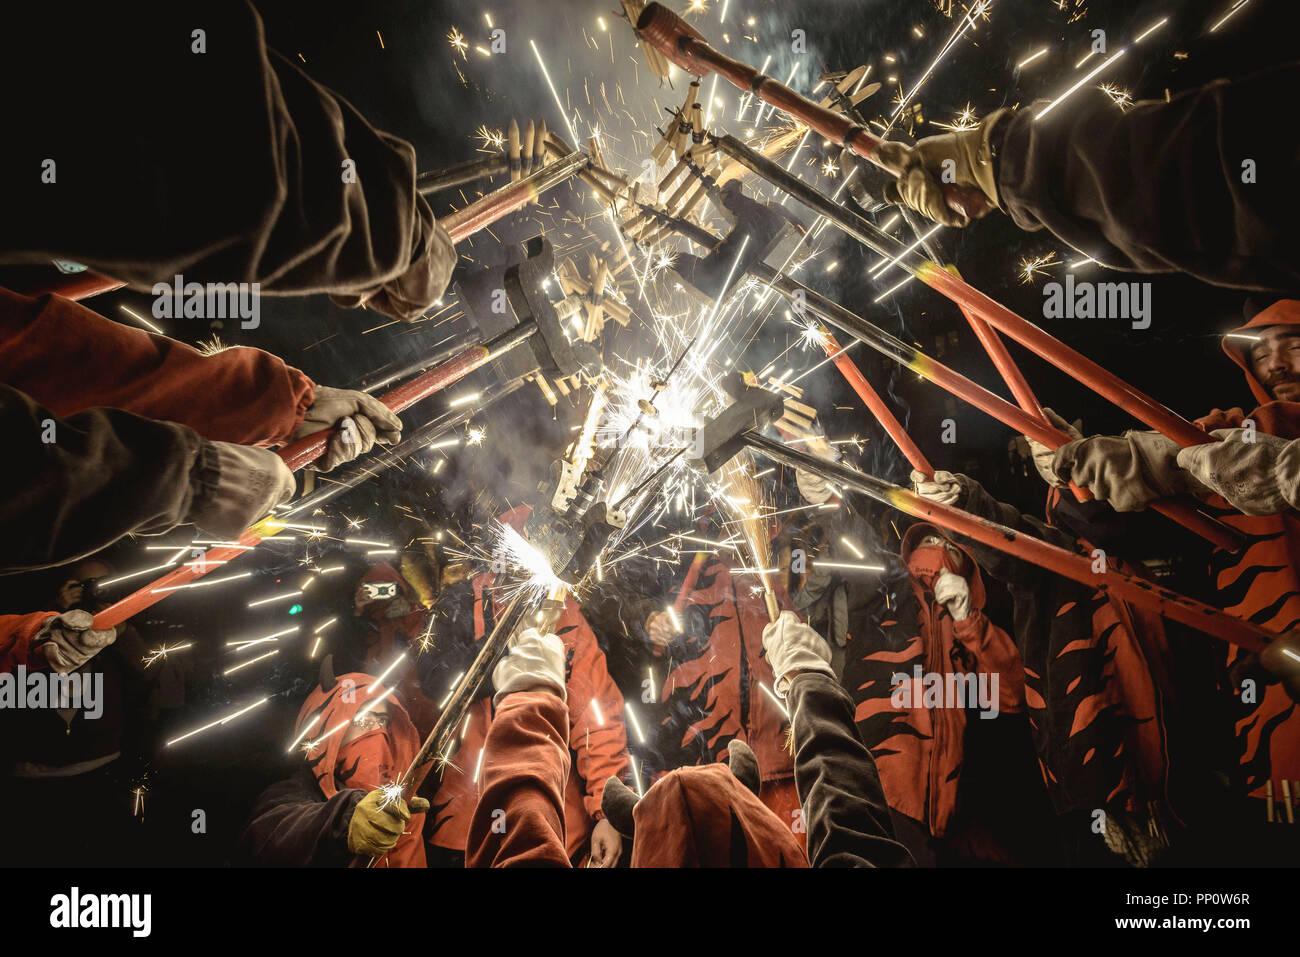 """Barcelona, España. El 22 de septiembre, 2018: """"correfocs"""" (fire deslizaderas) se reúnen para iluminar sus fuegos artificiales durante la Fiesta Mayor de Barcelona (festival principal), La Merce Crédito: Matthias Oesterle/Alamy Live News Foto de stock"""